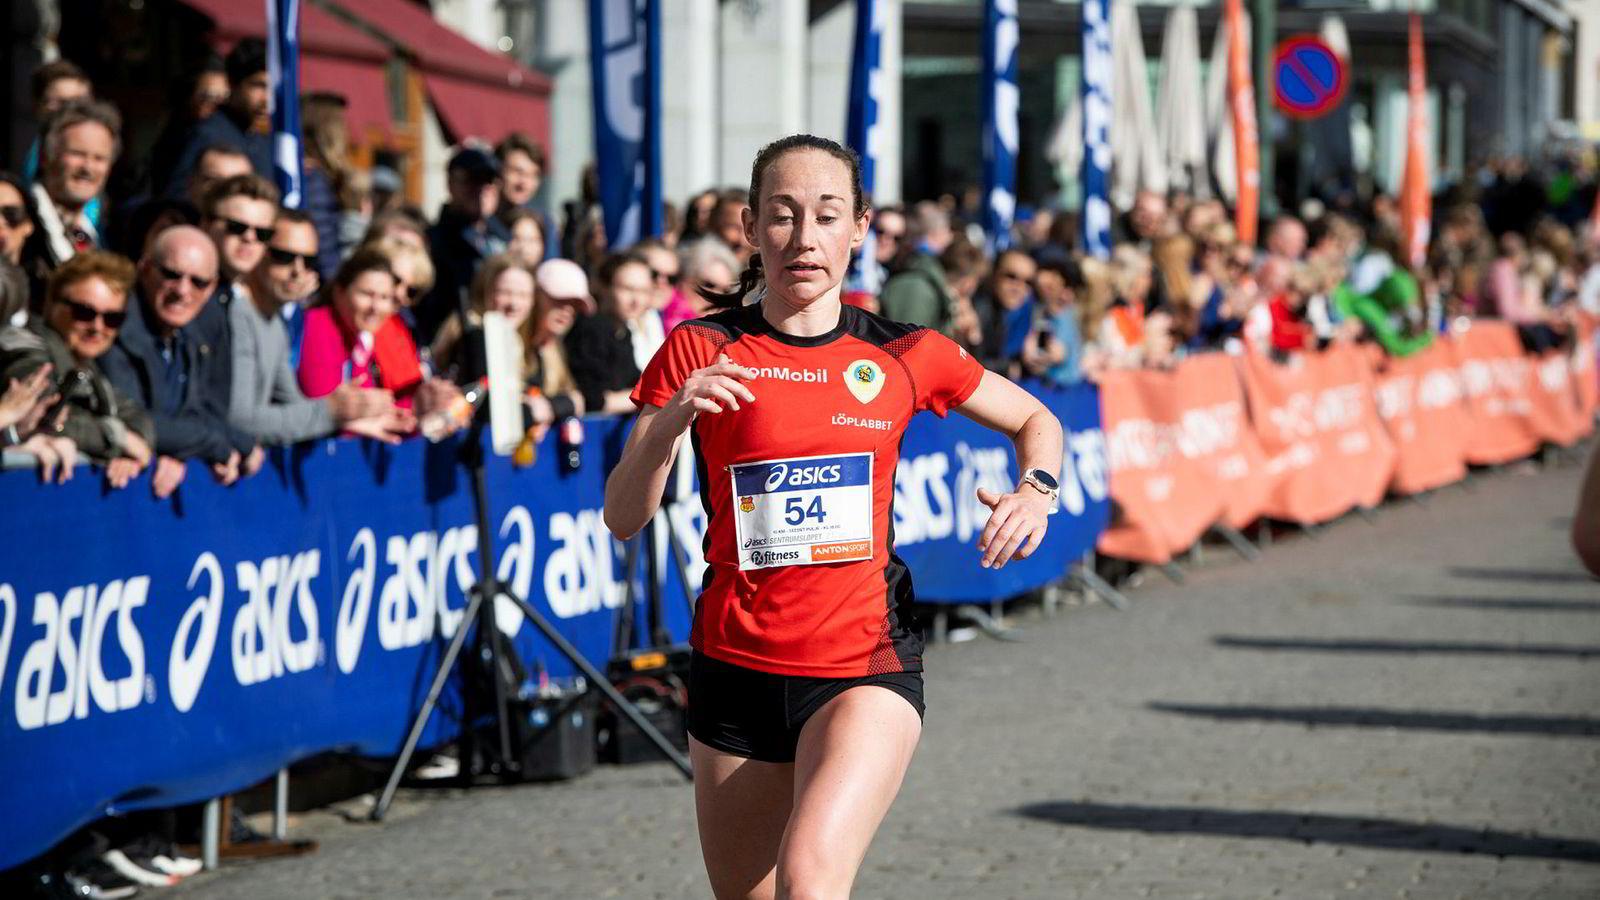 Vienna Søyland Dahle (27) fant ingen sammenheng mellom prestasjon i mosjonsløp og antall intervalløkter da hun undersøkte saken i sin masteroppgave i idrettsvitenskap. Selv vant Søyland Dahle kvinneklassen under fjorårets Sentrumsløp.